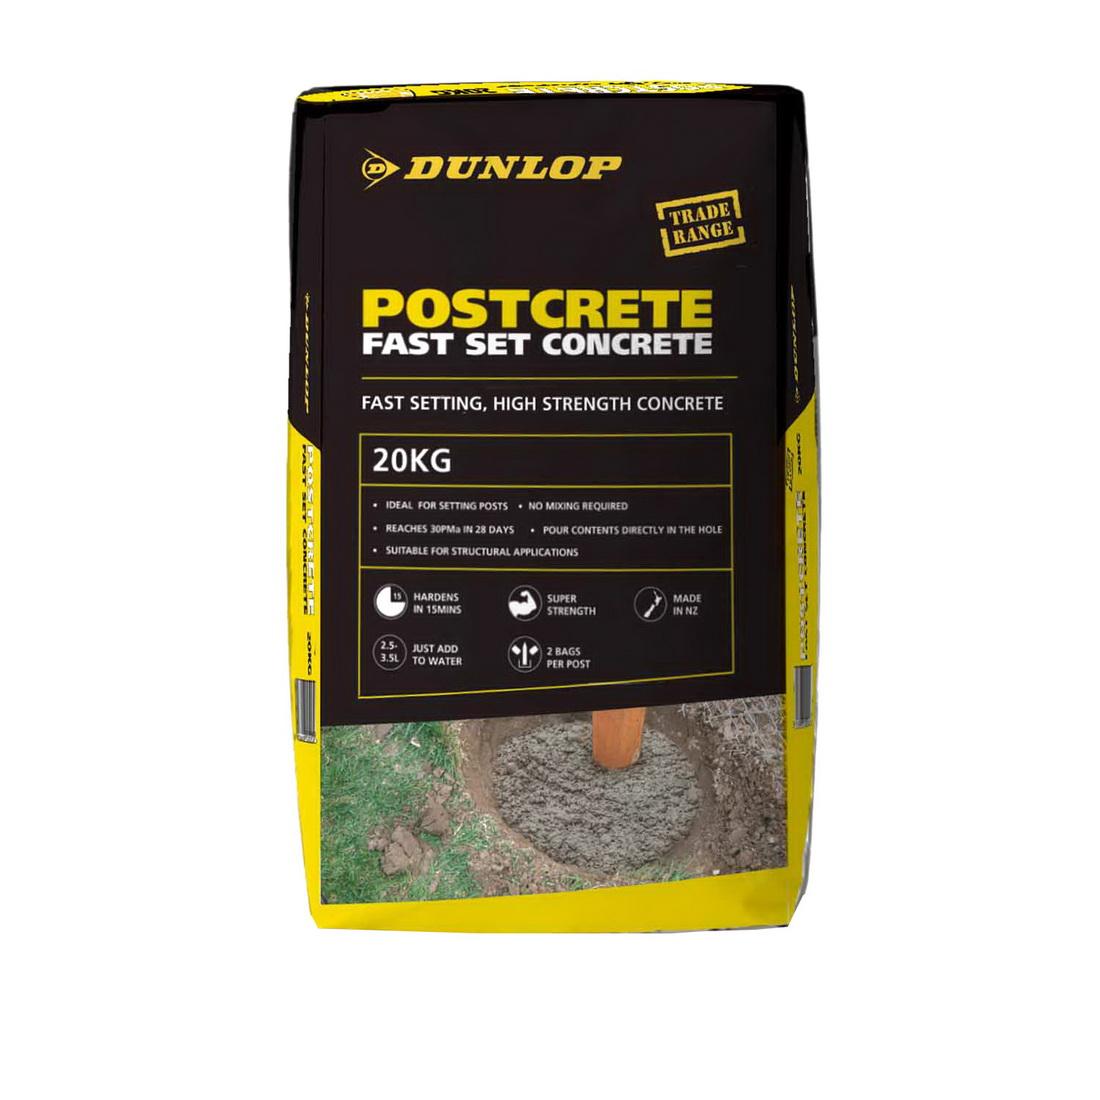 Postcrete 20kg Fast Set Concrete